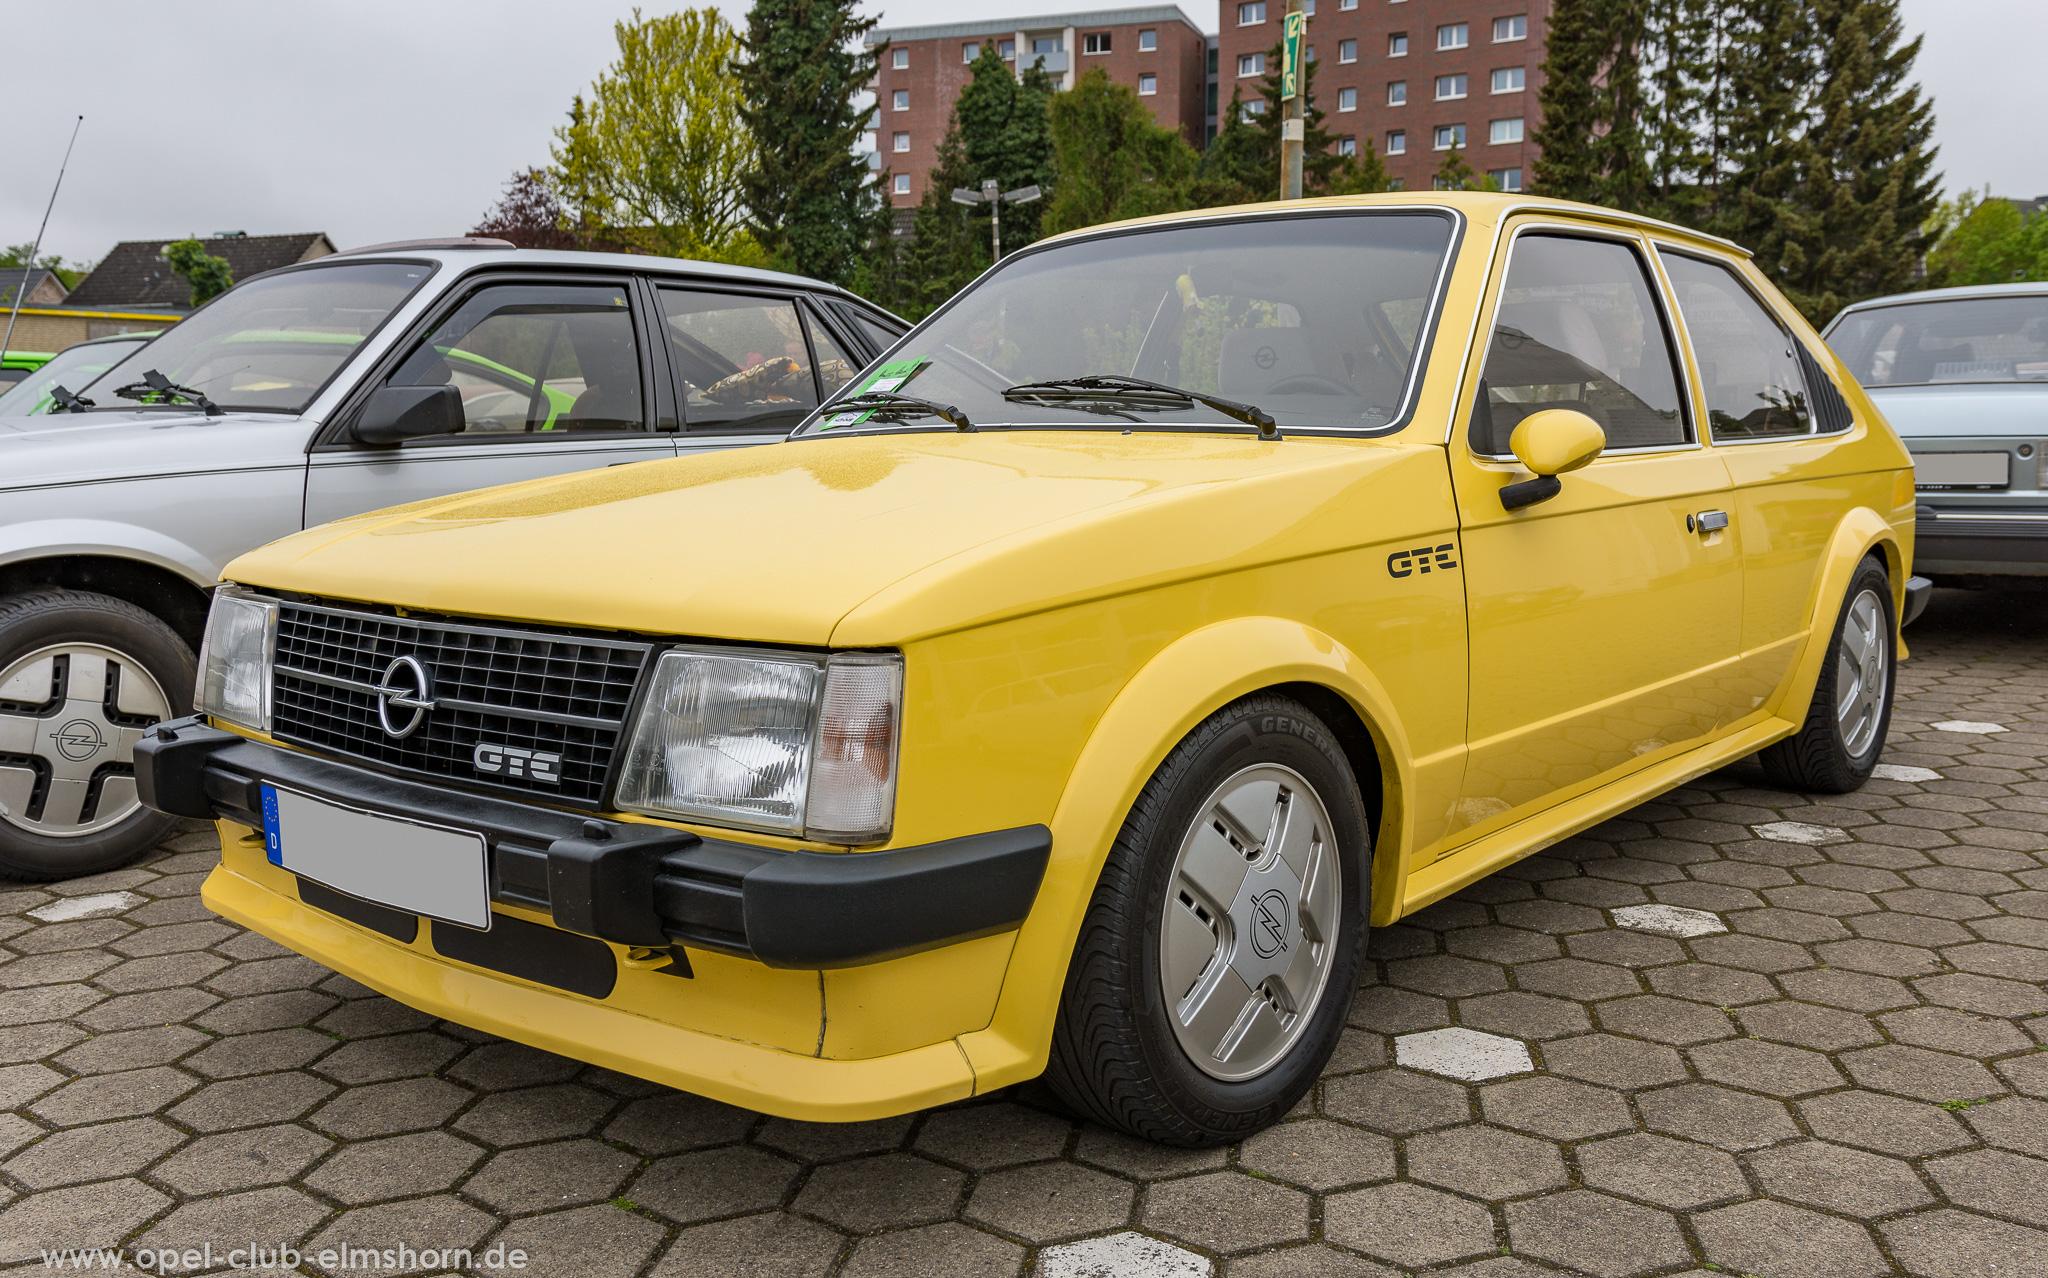 Altopeltreffen Wedel 2019 - 20190501_114015 - Opel Kadett D